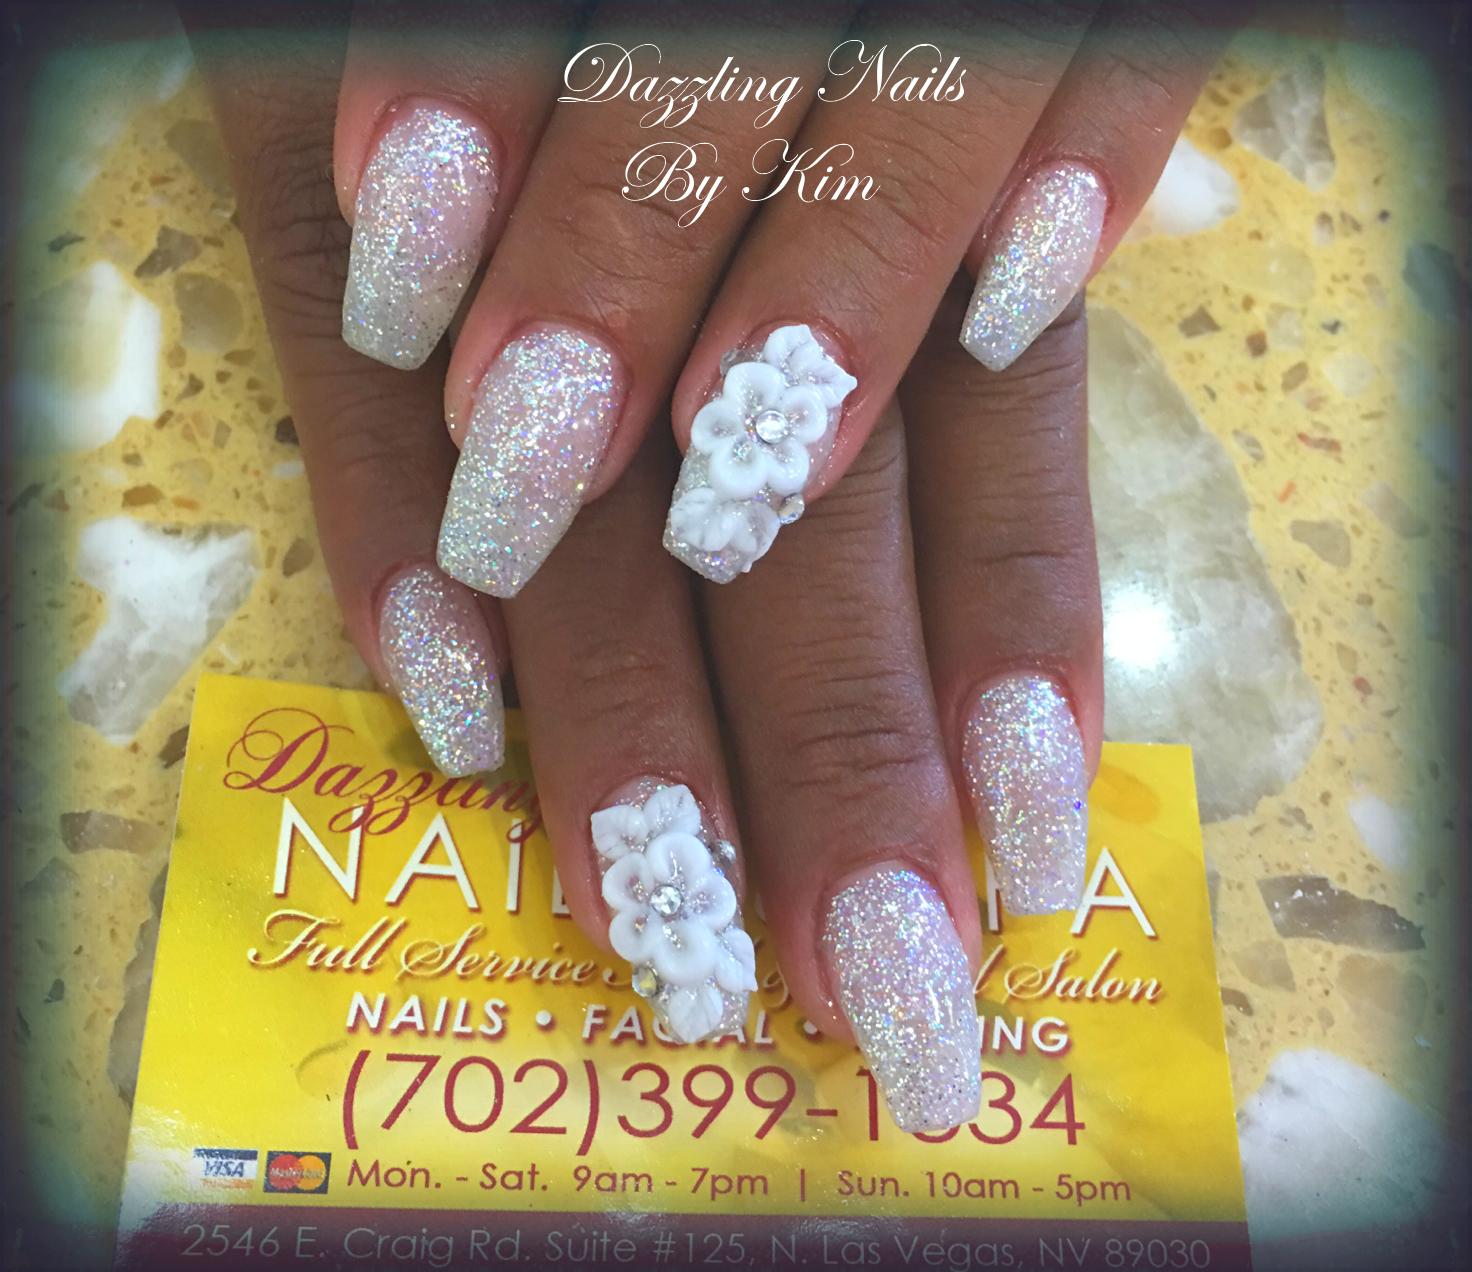 Dazzling Nails and Spa 2546 E Craig Rd, North Las Vegas, NV 89030 ...